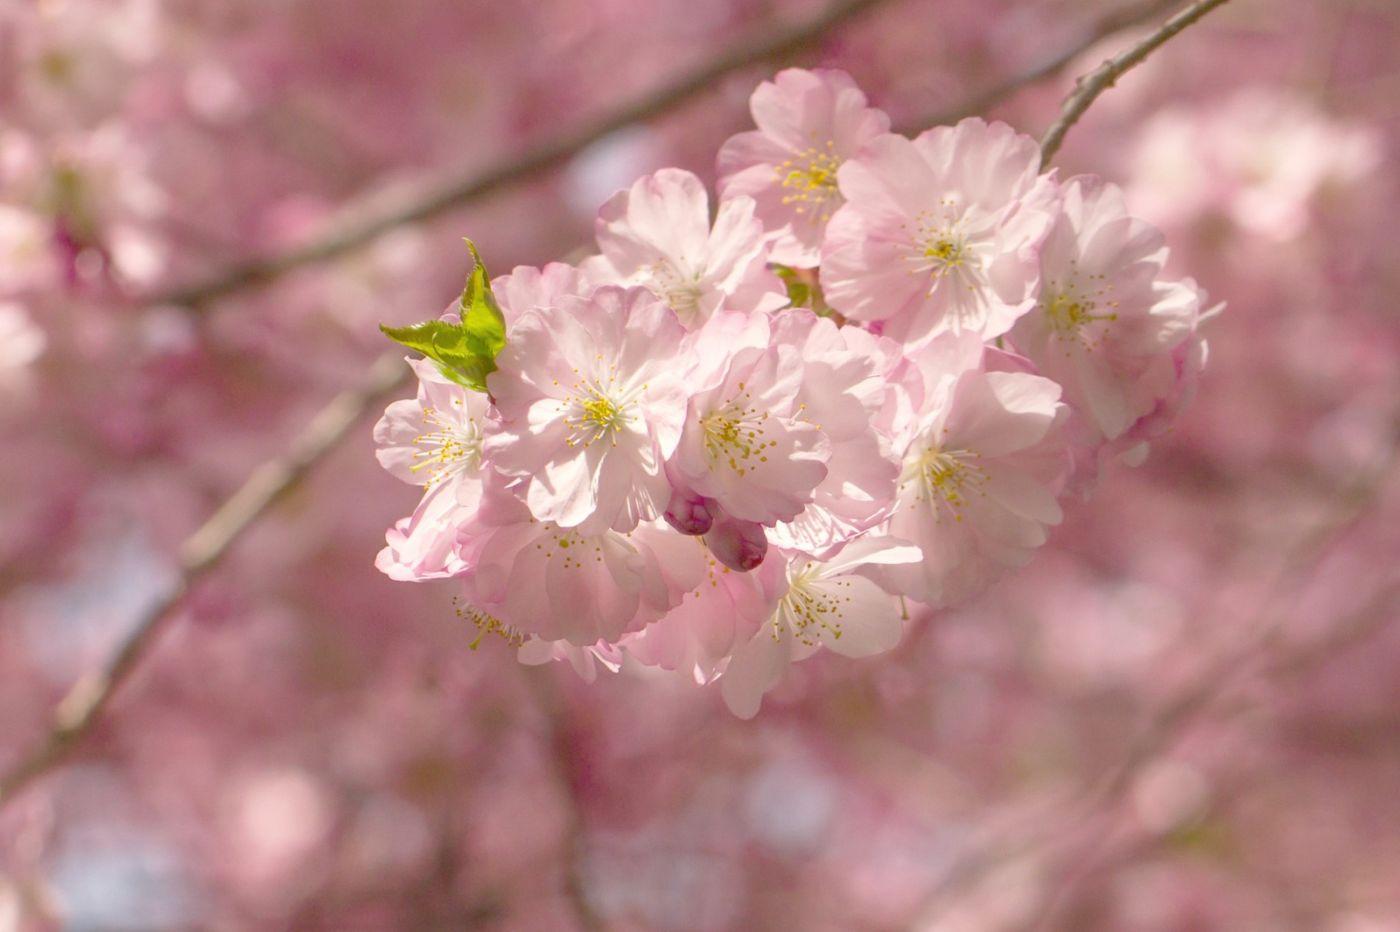 粉红的水嫩的,好看极了_图1-3